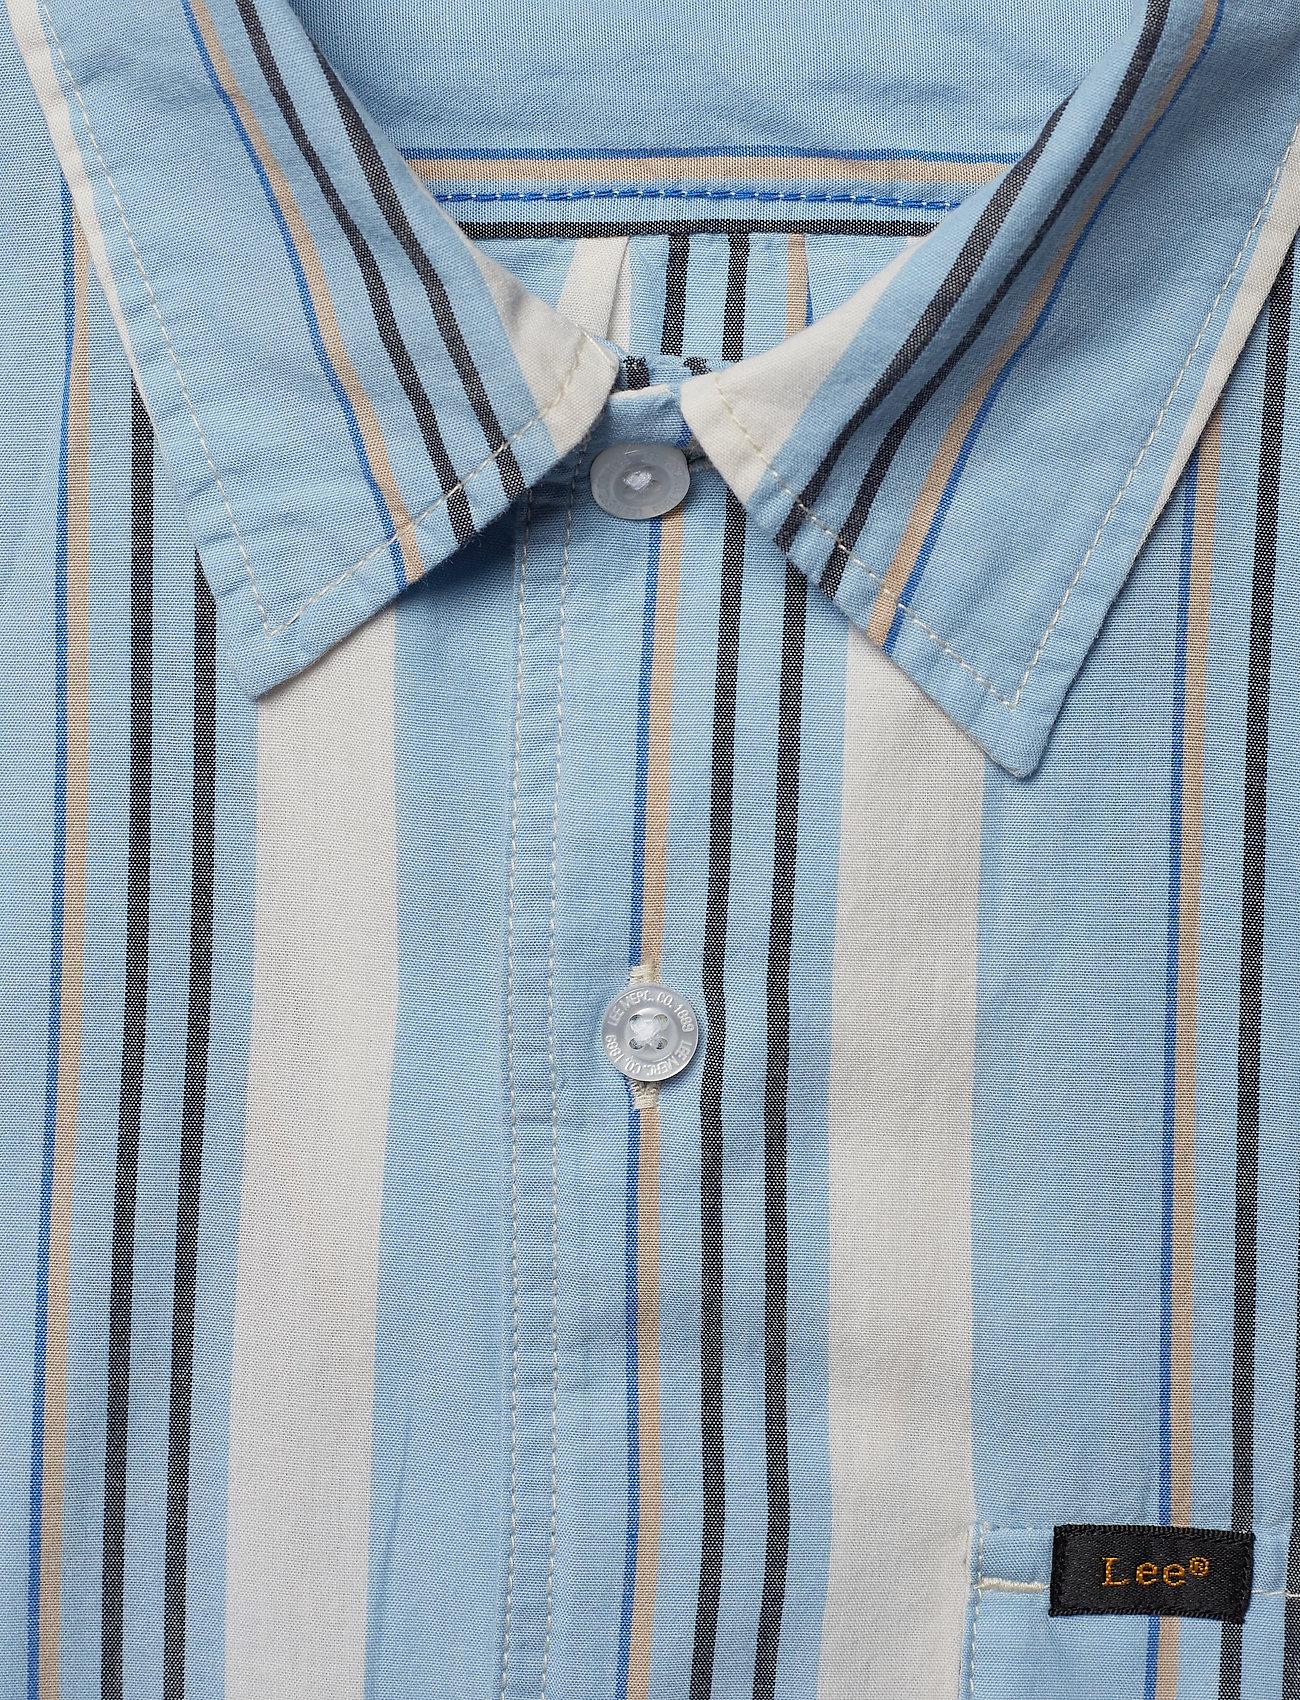 Variationsky Ss Ss Jeans Jeans Variationsky BlueLee Ss BlueLee Ss Jeans Variationsky BlueLee OPNw8ymvn0